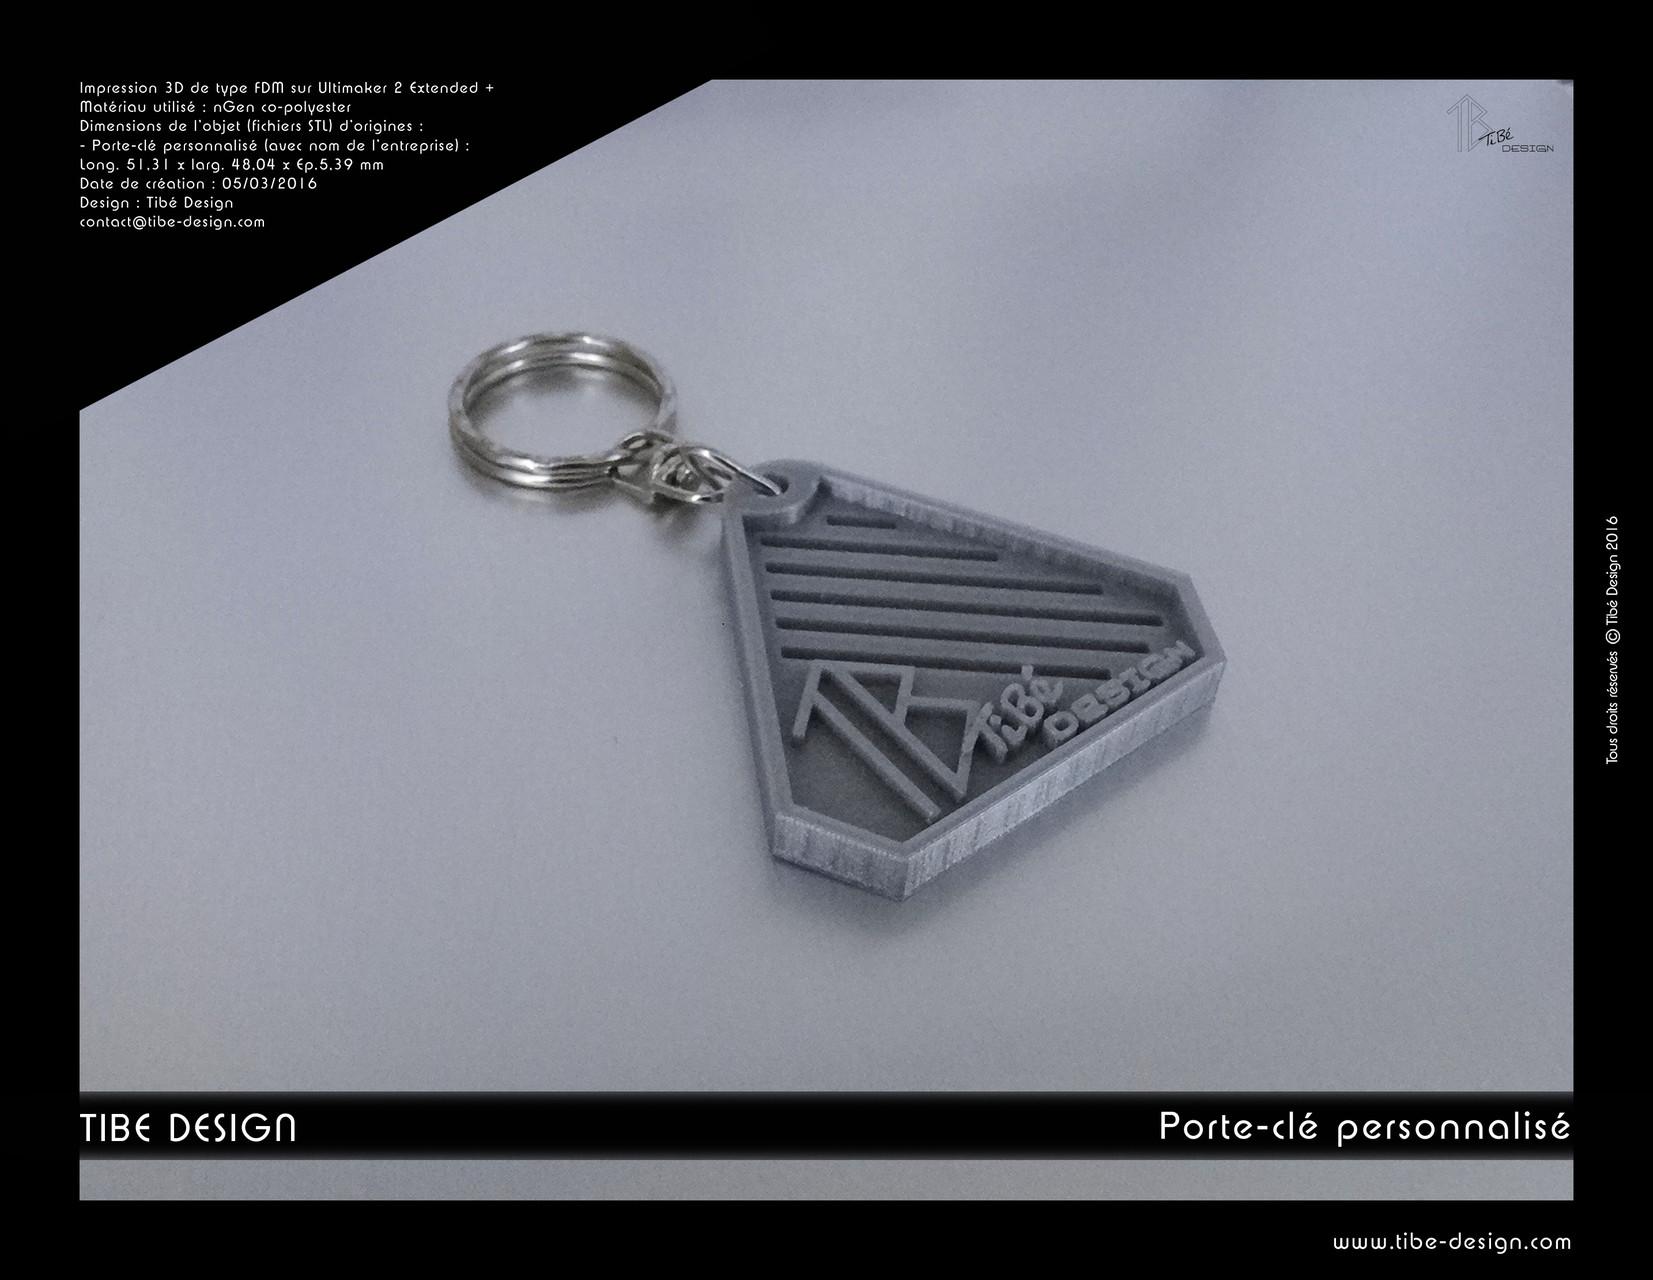 Porte-clés Tibé design